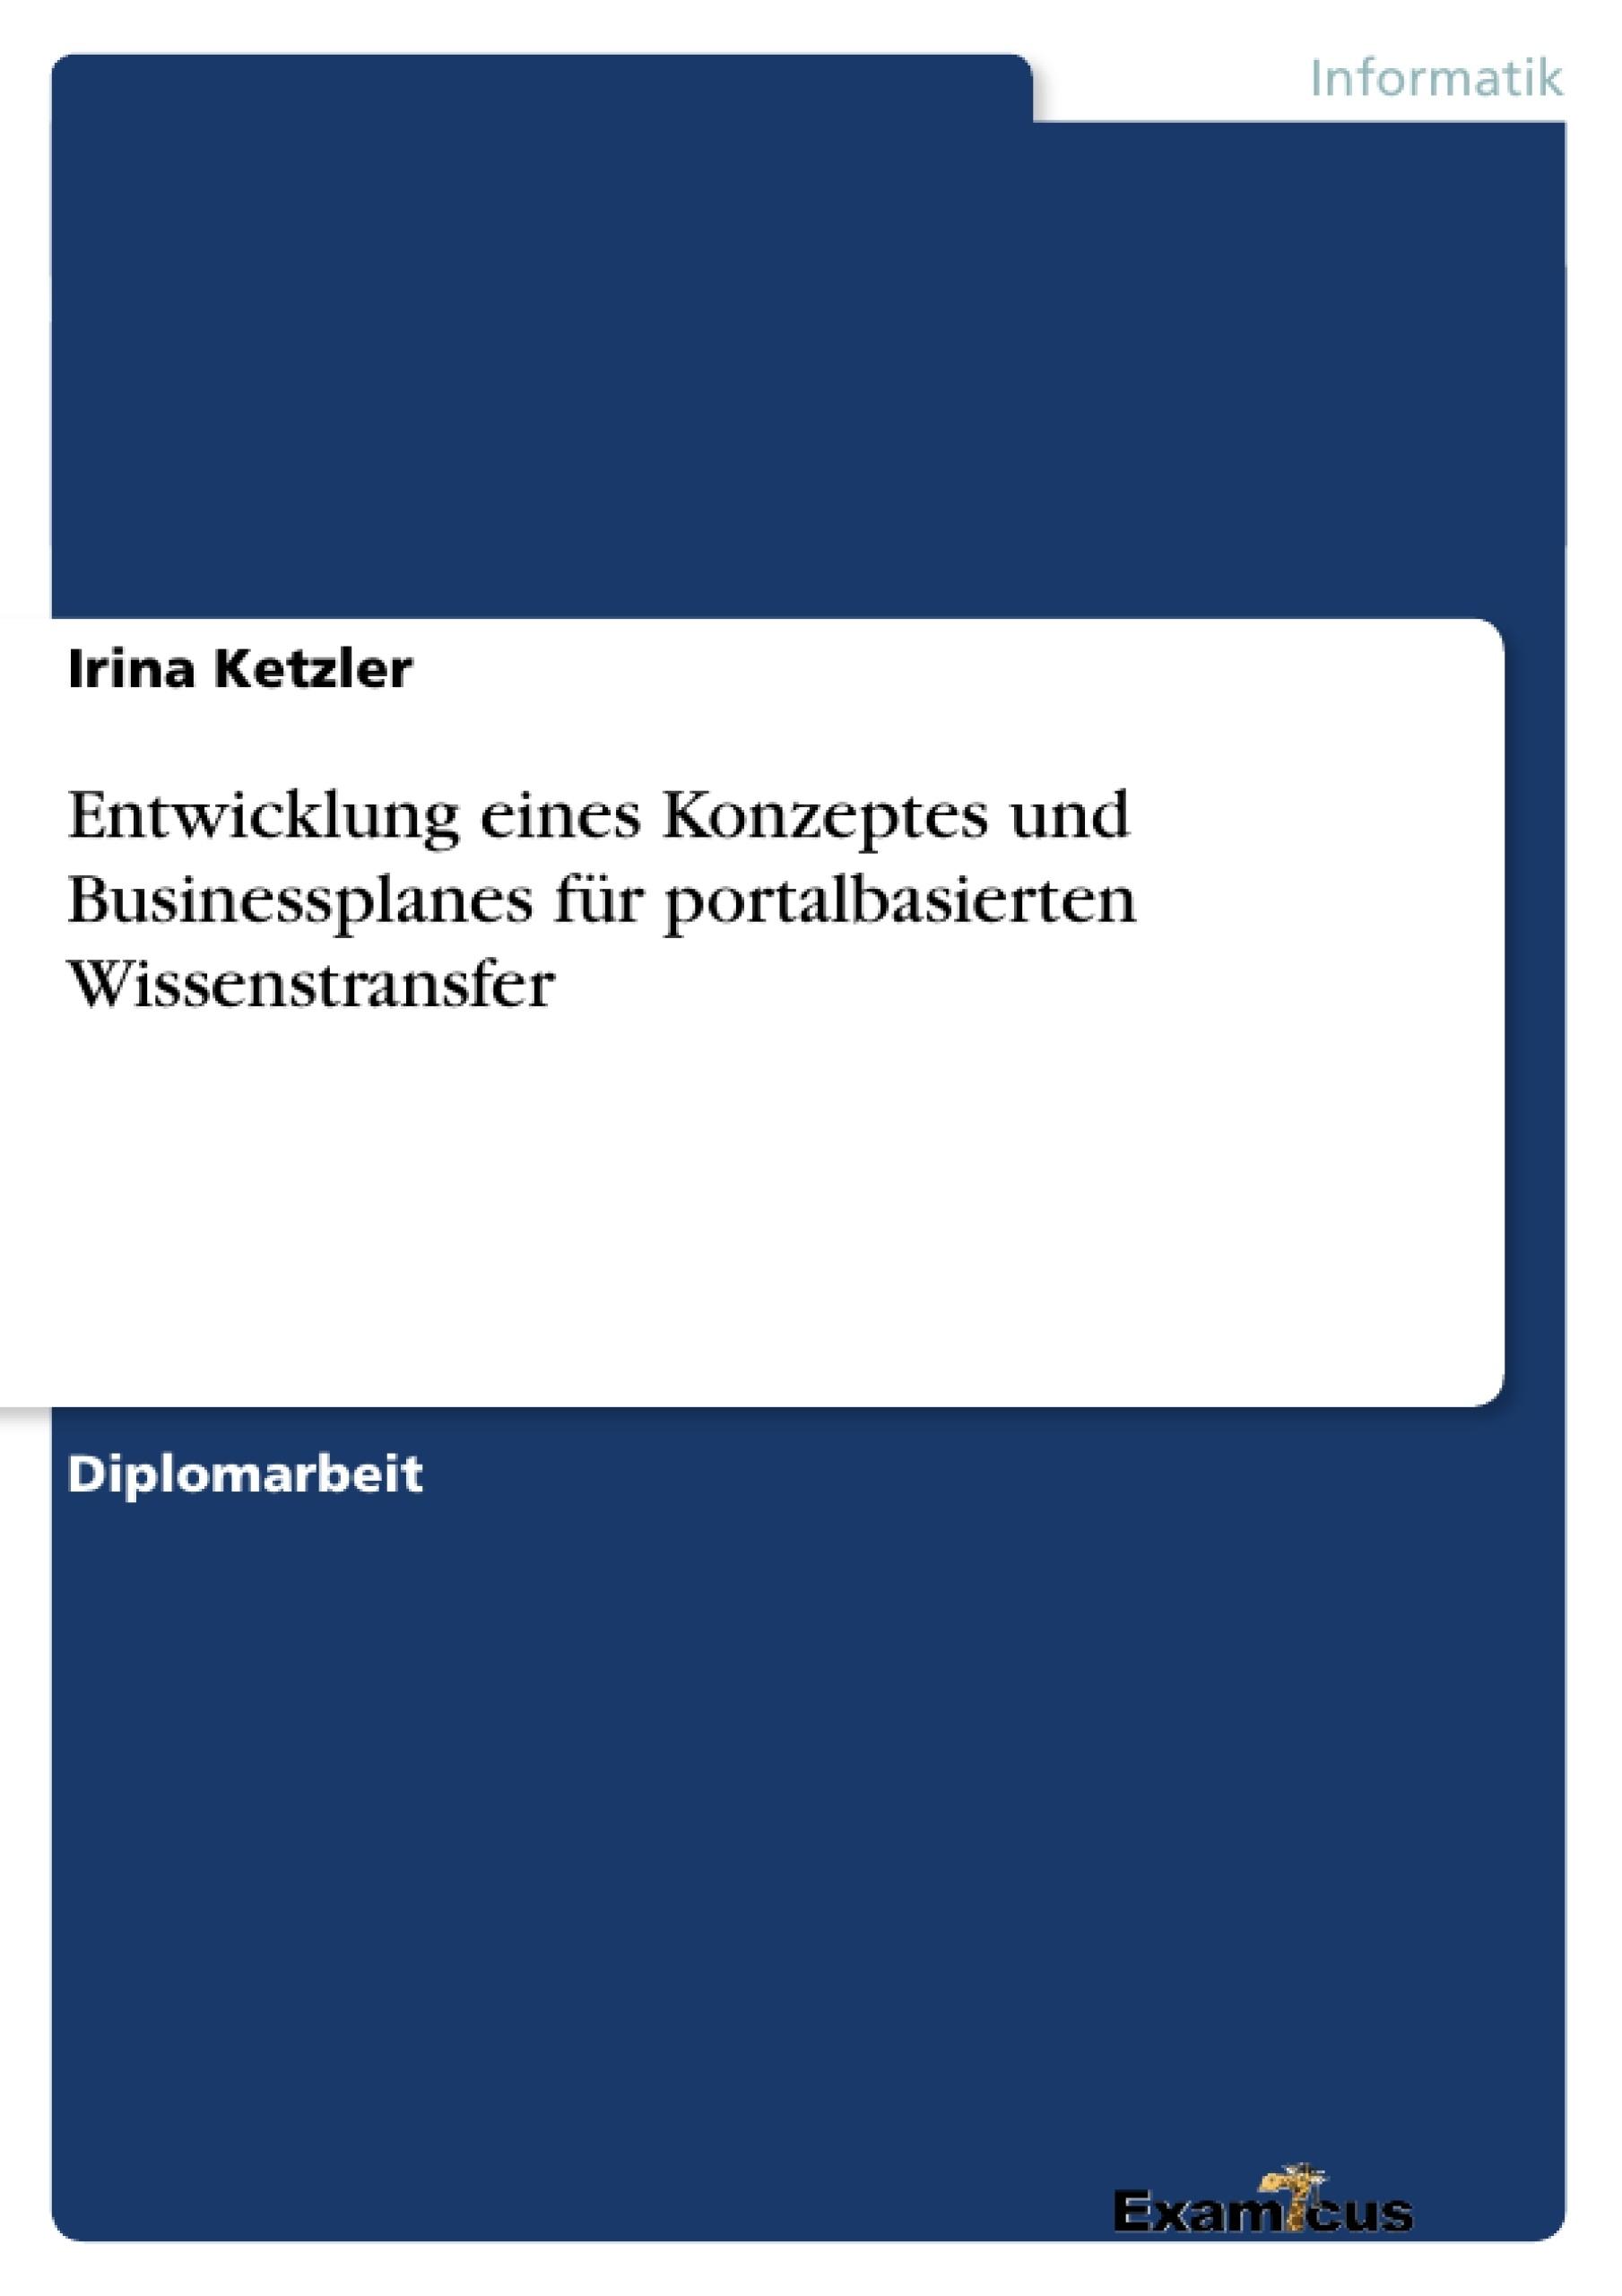 Titel: Entwicklung eines Konzeptes und Businessplanes für portalbasierten Wissenstransfer